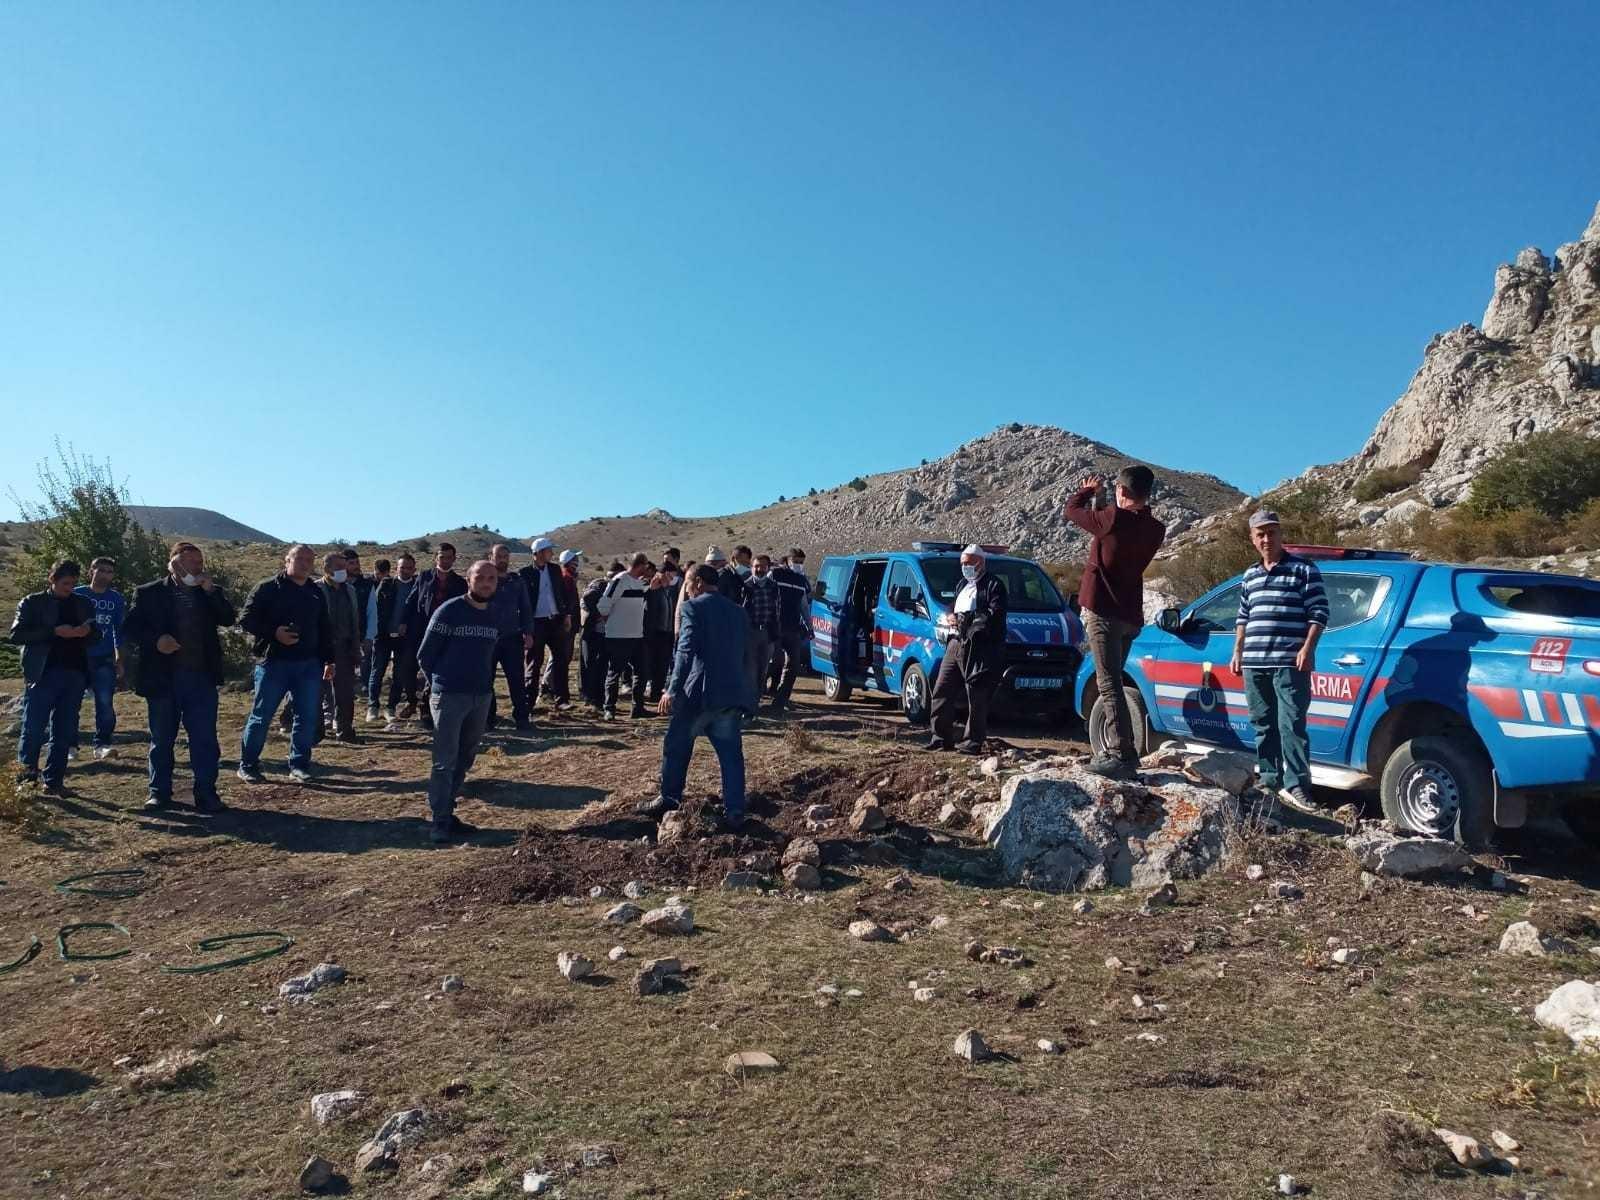 Su meselesi yüzünden köylüler ve jandarma karşı karşıya geldi #corum